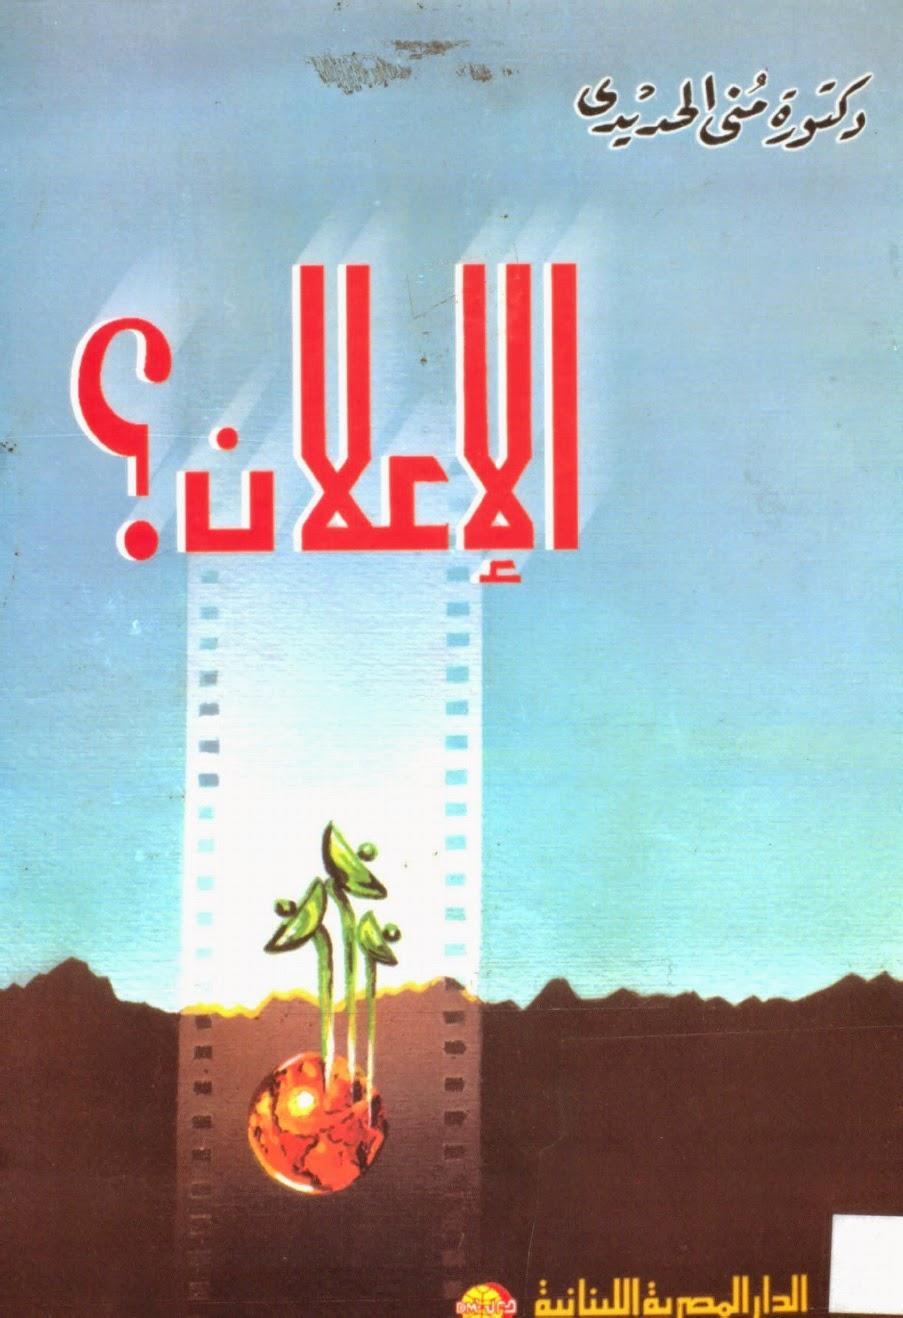 كتاب الاعلان محمد فريد الصحن pdf